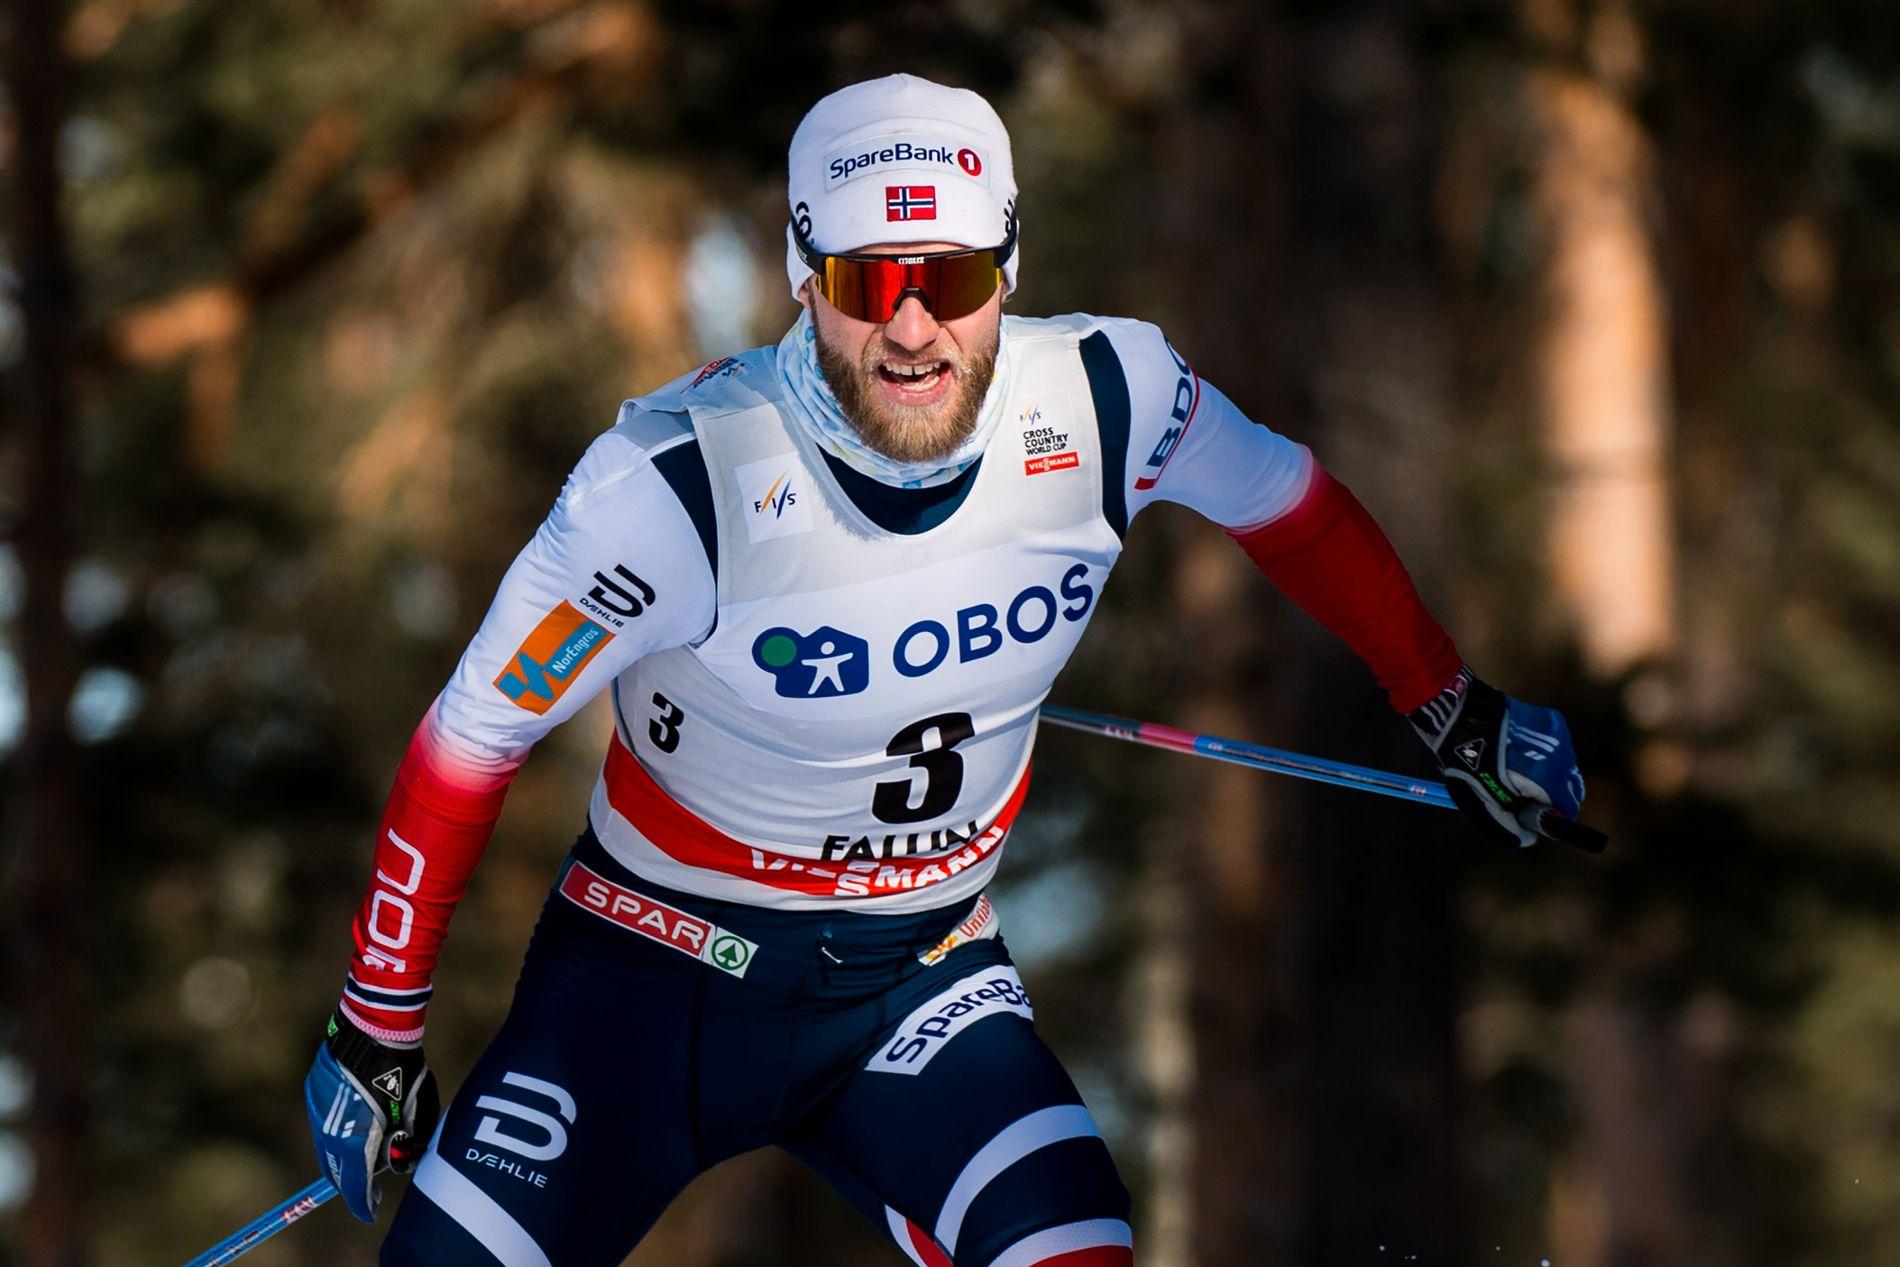 KRITISK: Martin Johnsrud Sundby, her fra sprintprologen i Falun fredag, ligger brukbart an i minitouren i Sverige.